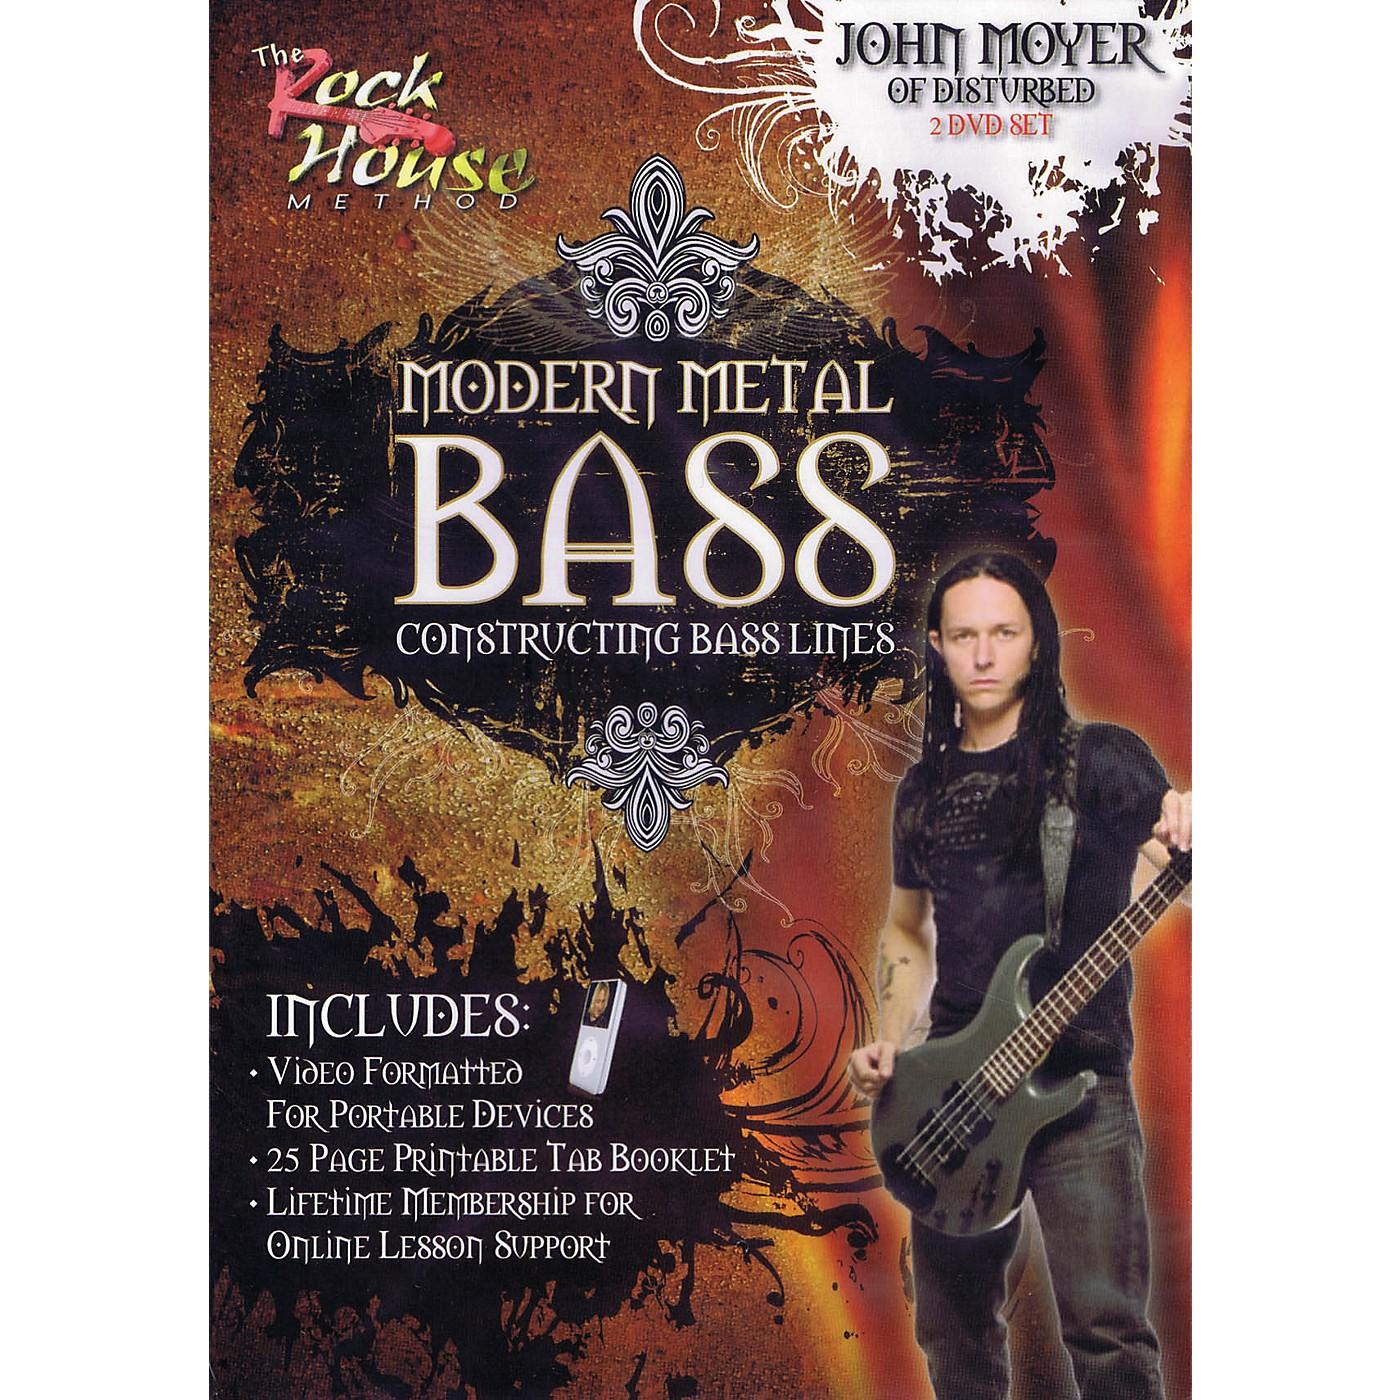 Rock House John Moyer Of Disturbed - Modern Metal Bass (Constructing Bass Lines) DVD thumbnail